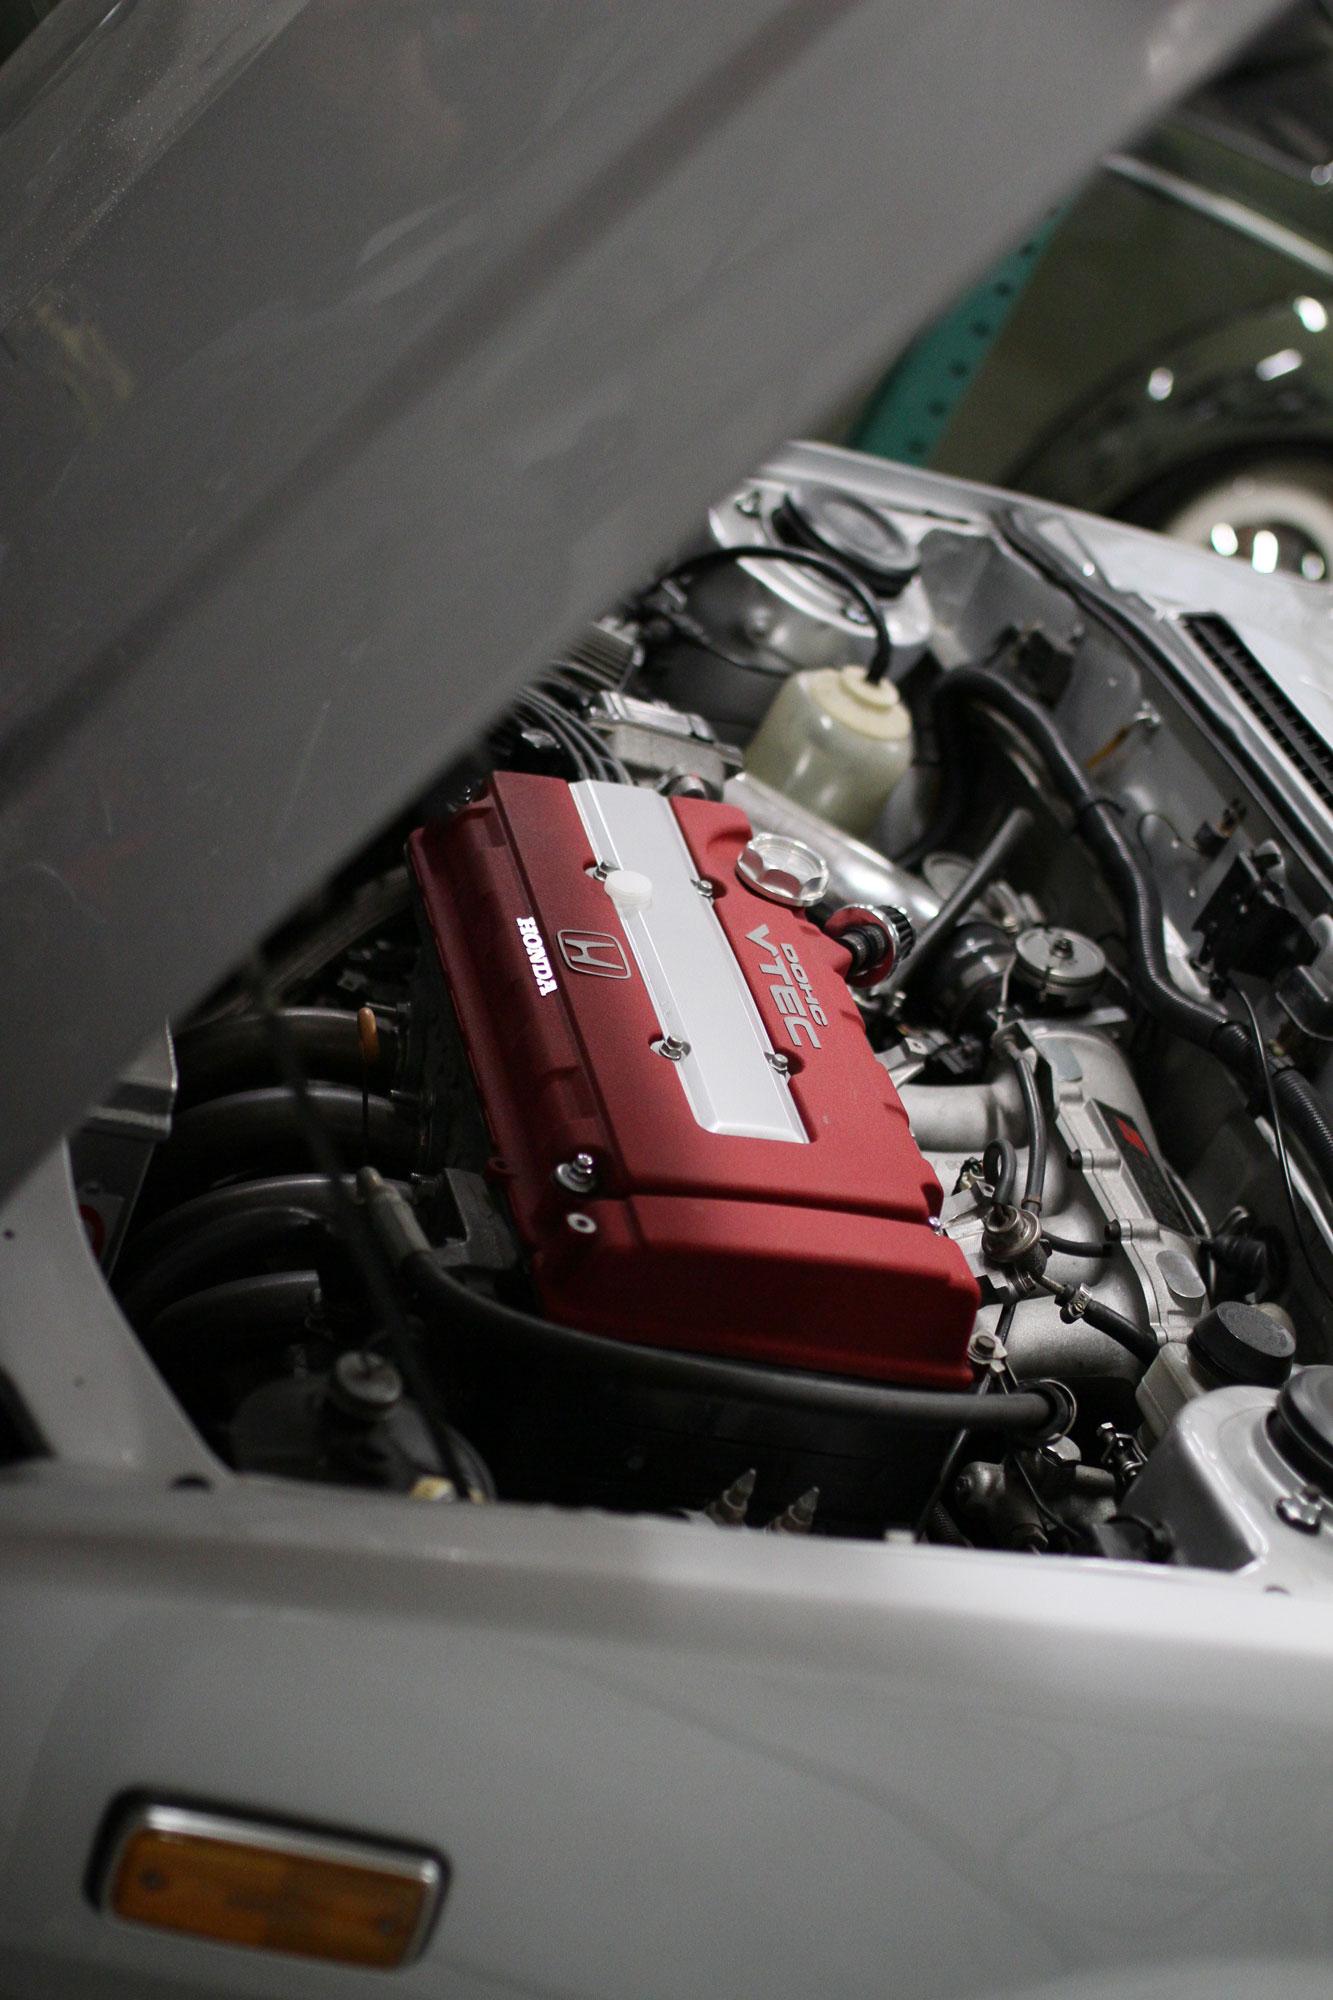 Honda Accord med B18 motor som producerar 180 hästkrafter